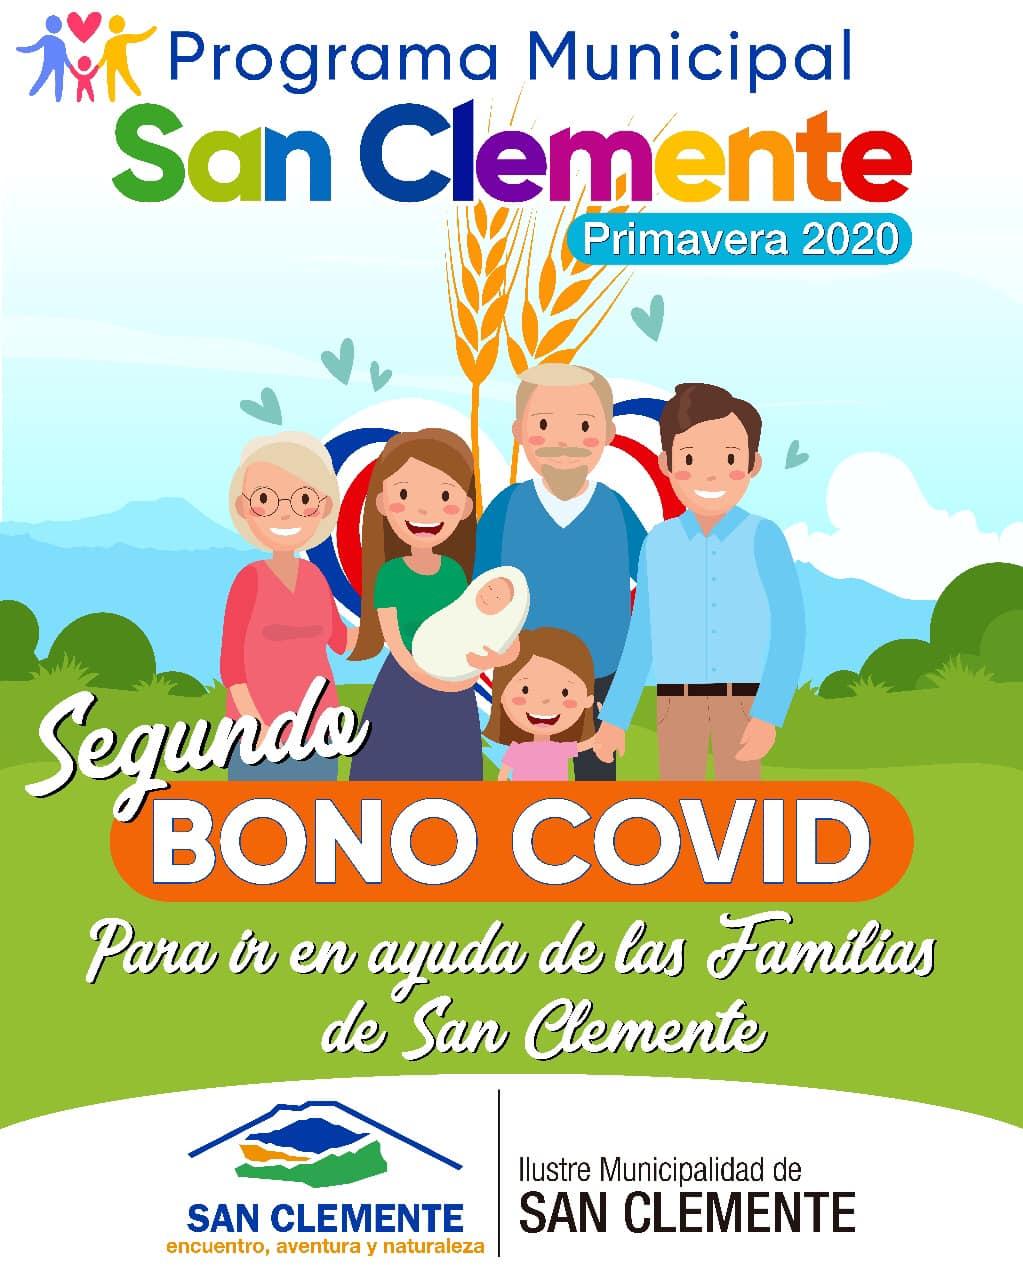 Familias de San Clemente ya pueden acceder al segundo bono Covid, el cual es un aporte económico municipal transferido de manera directa